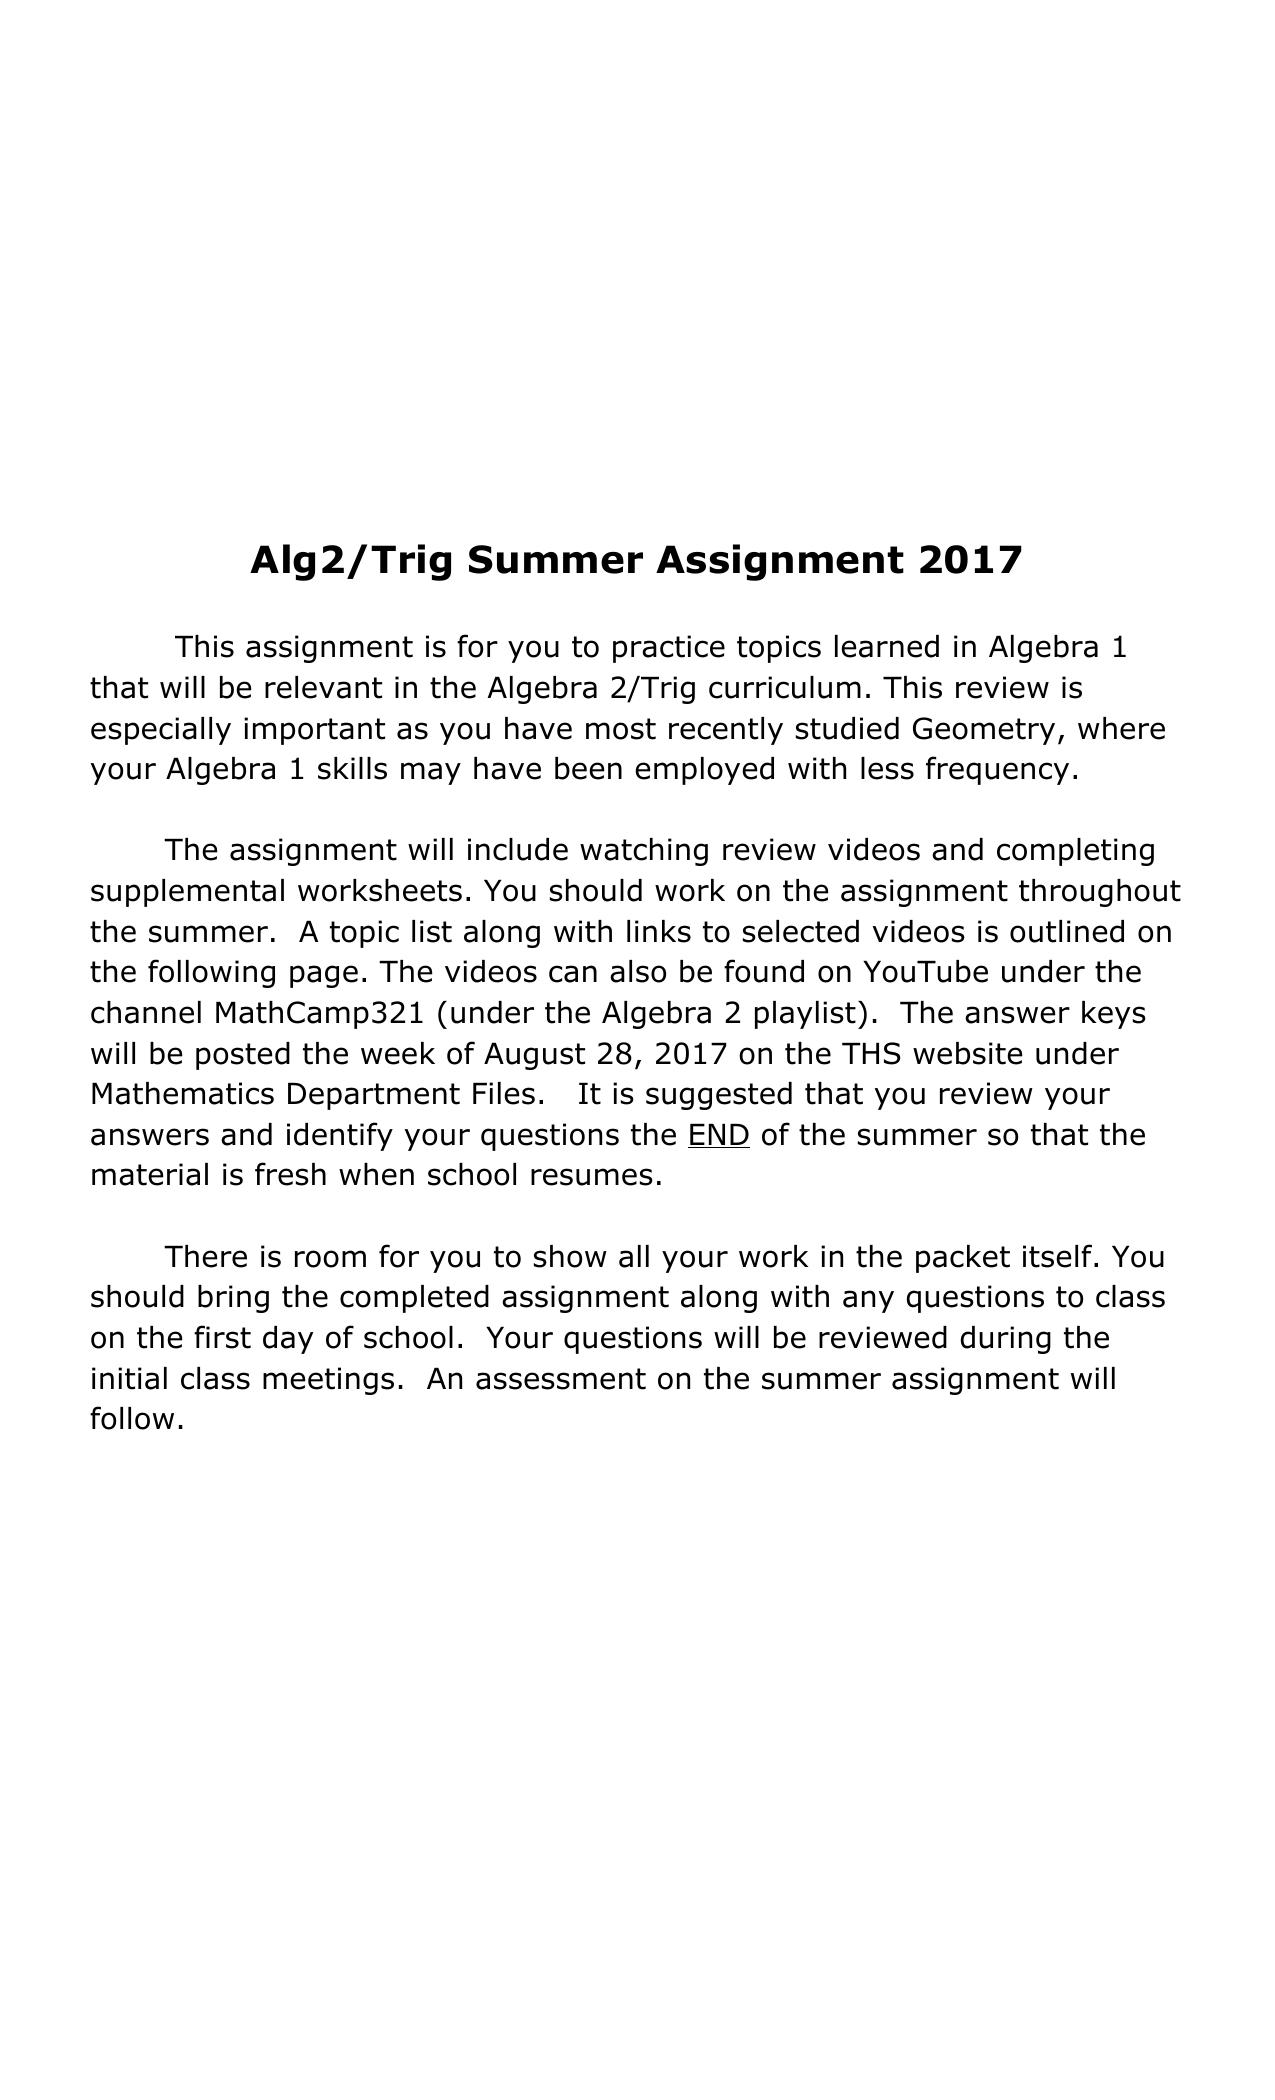 Alg2/Trig Summer Assignment 2017 | manualzz com